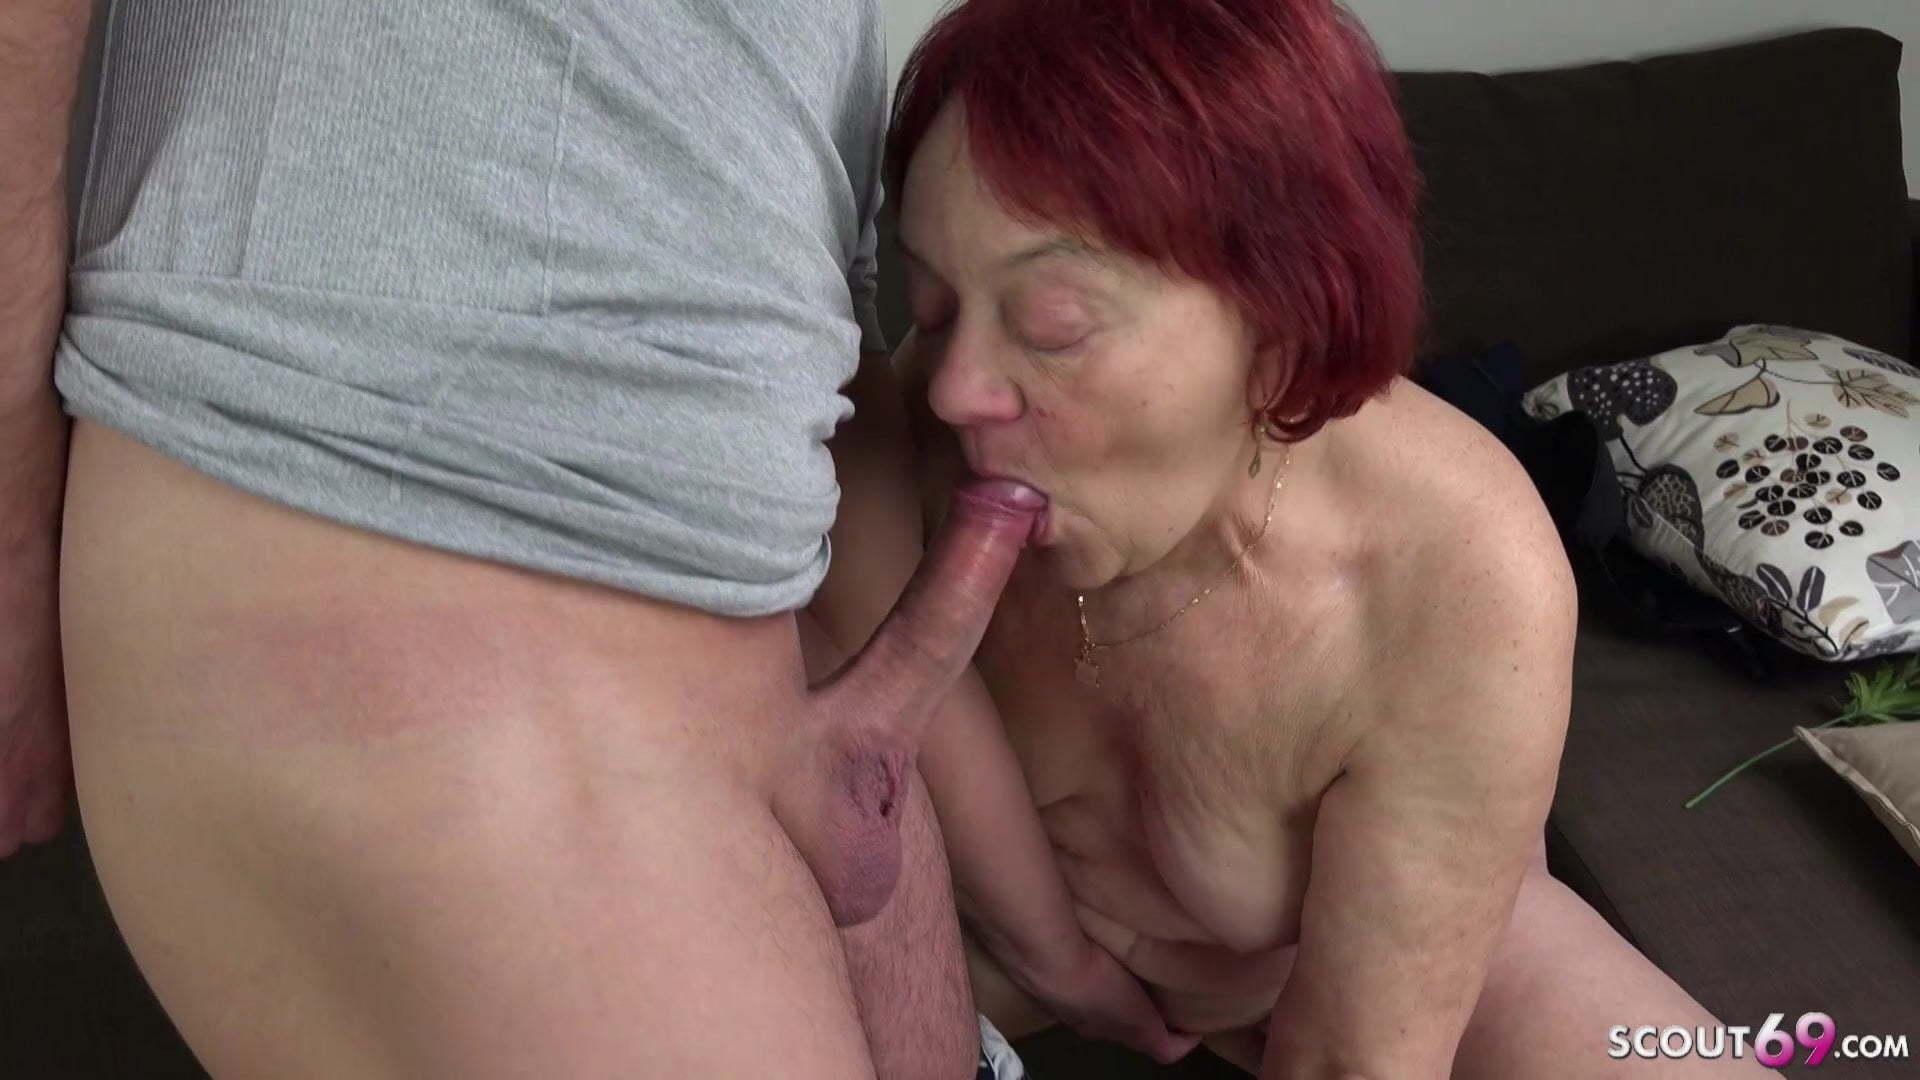 Dick oma nackt Oma: 32,251